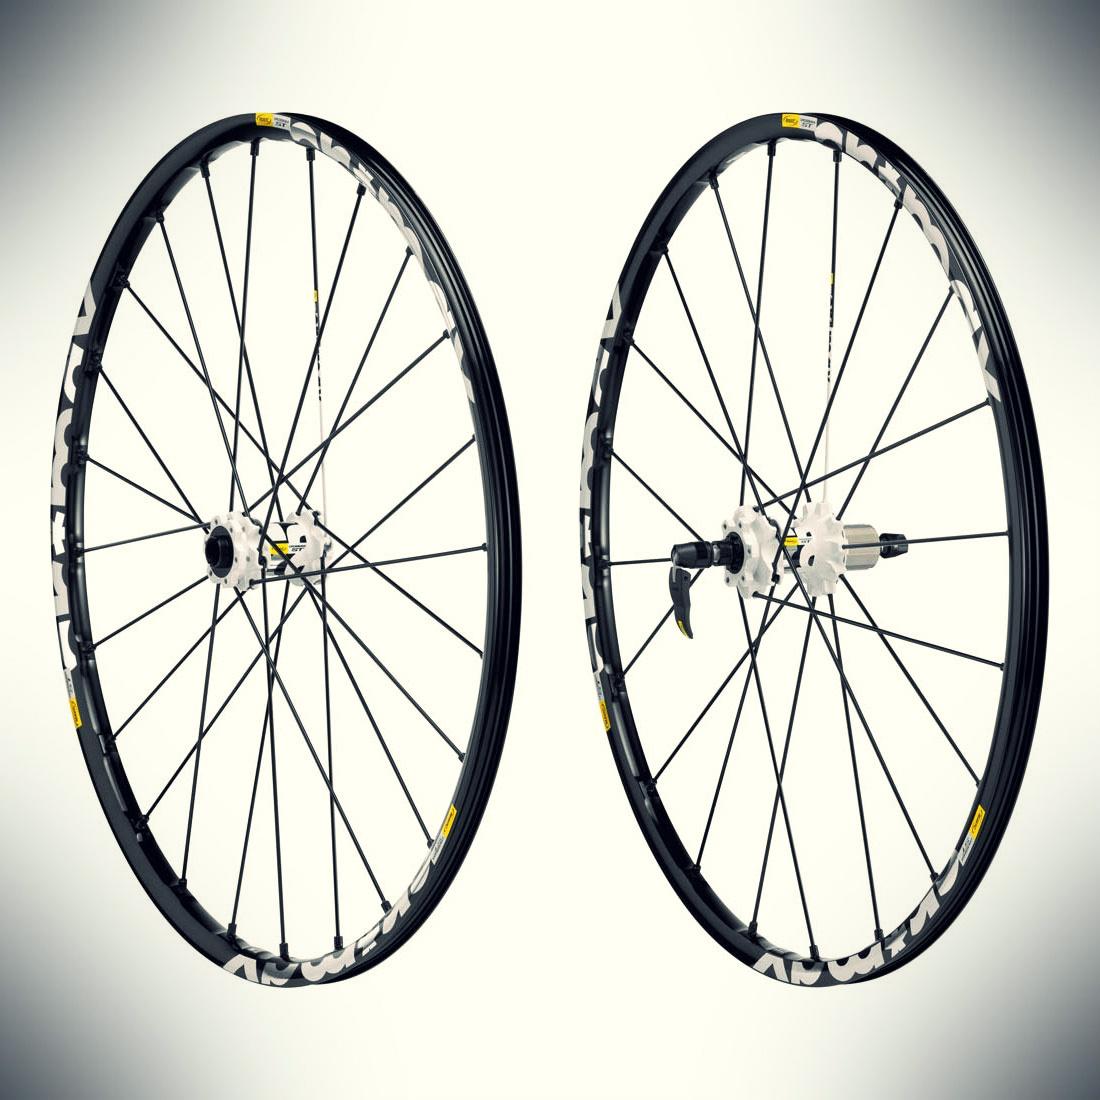 2013 Mavic Crossmax ST 29er wheelset